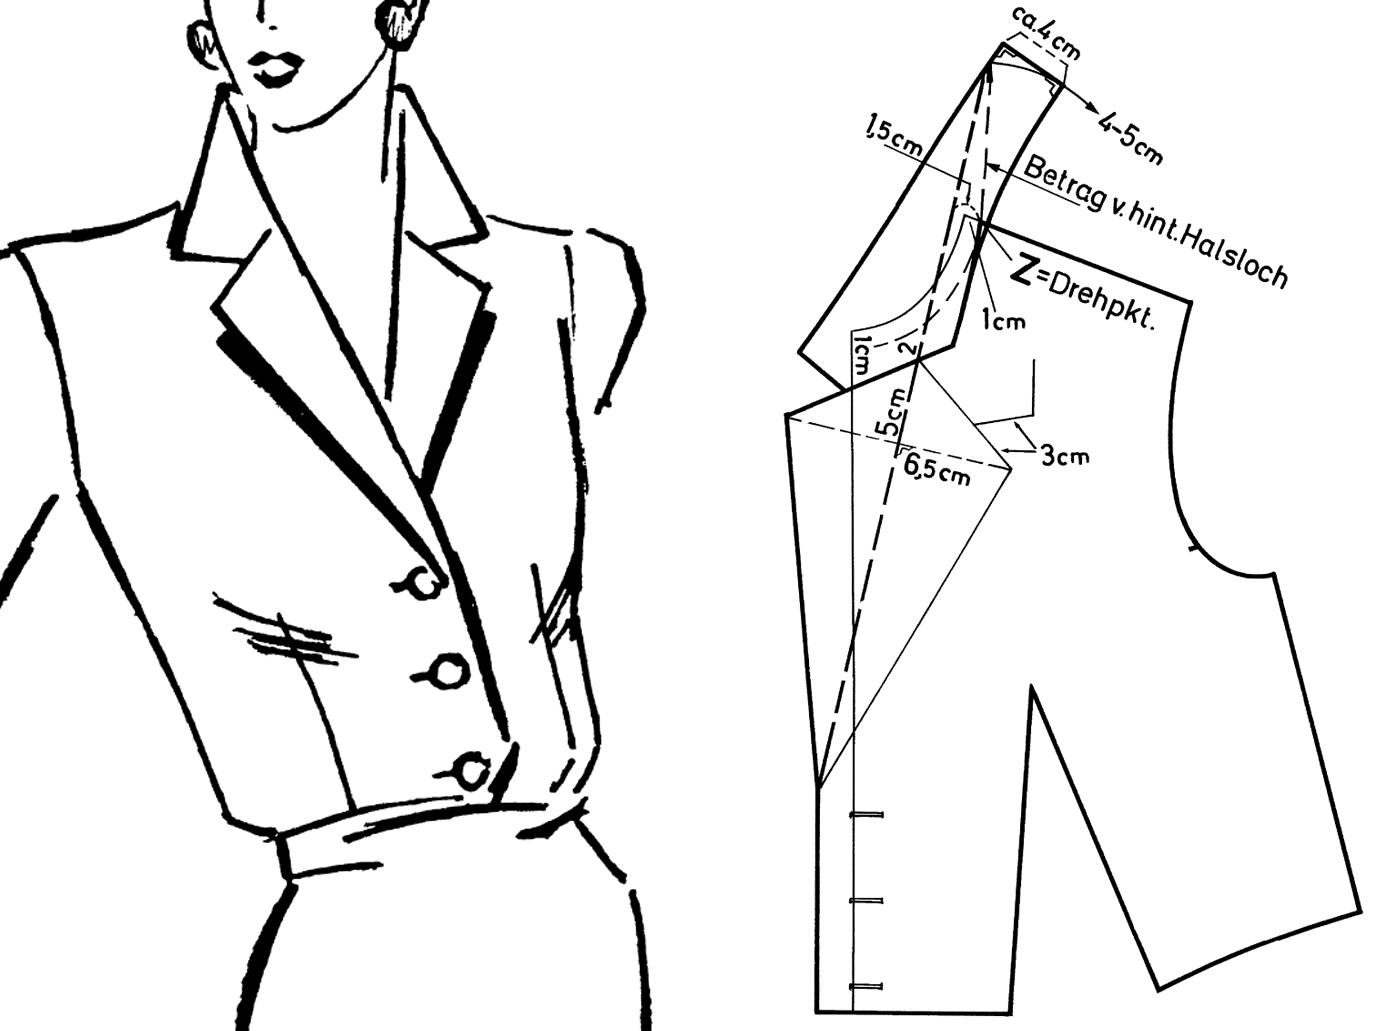 Abgebildet ist die Zeichnung eines kombinierten Revers- und Stehkragens inkluisve Schnittkonstruktion.